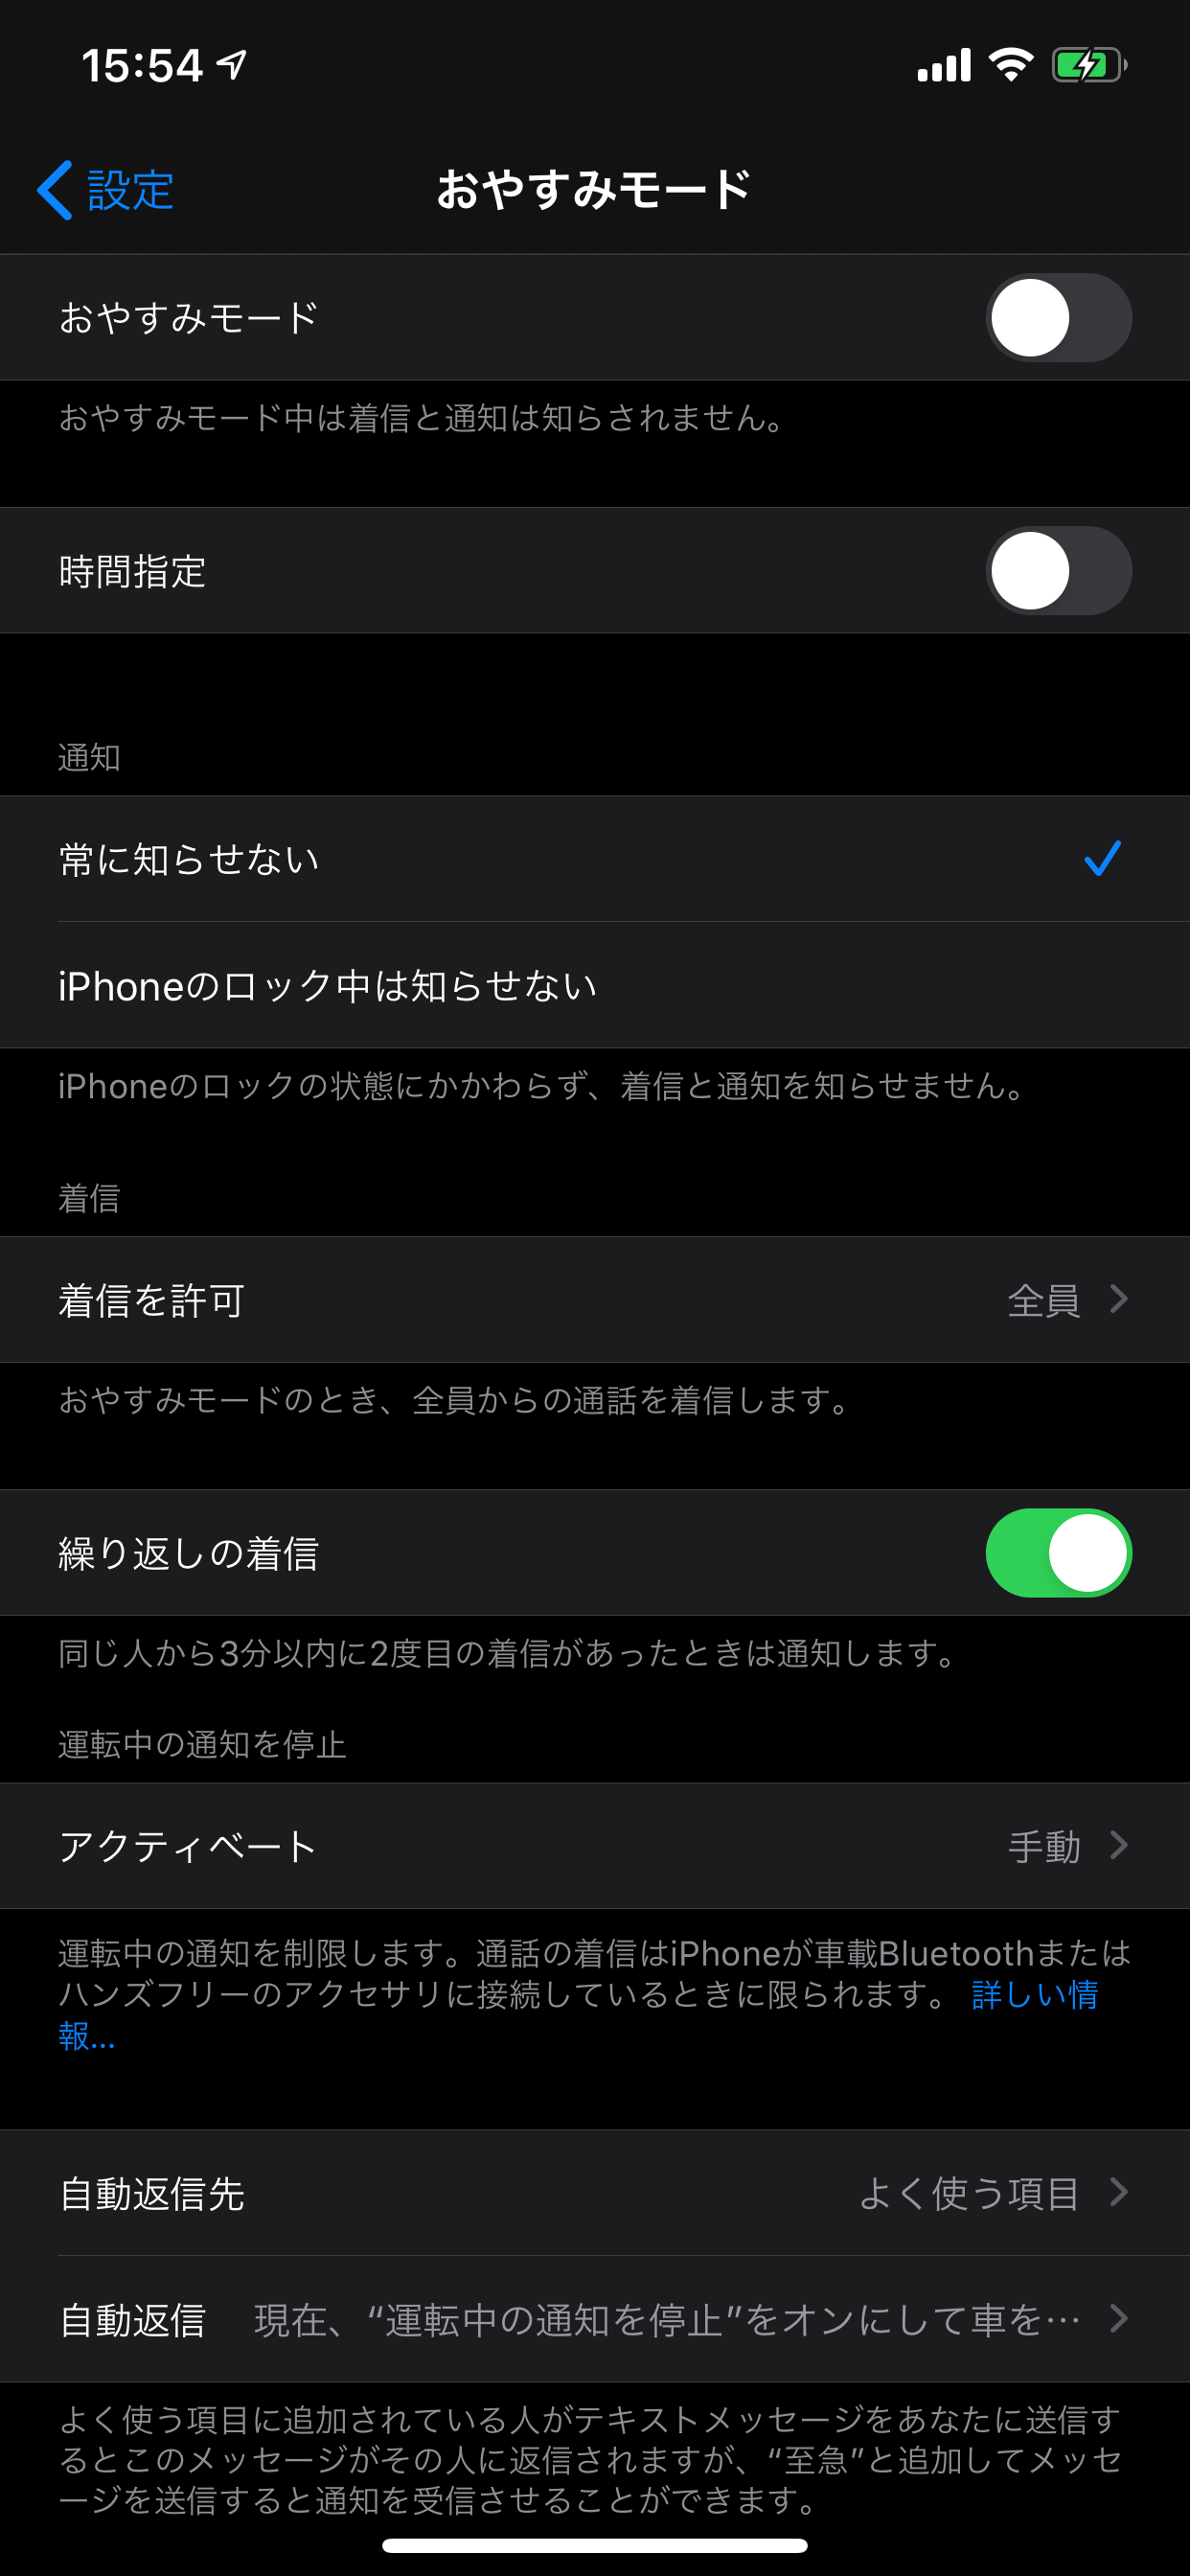 f:id:asakatomoki:20200522155543p:image